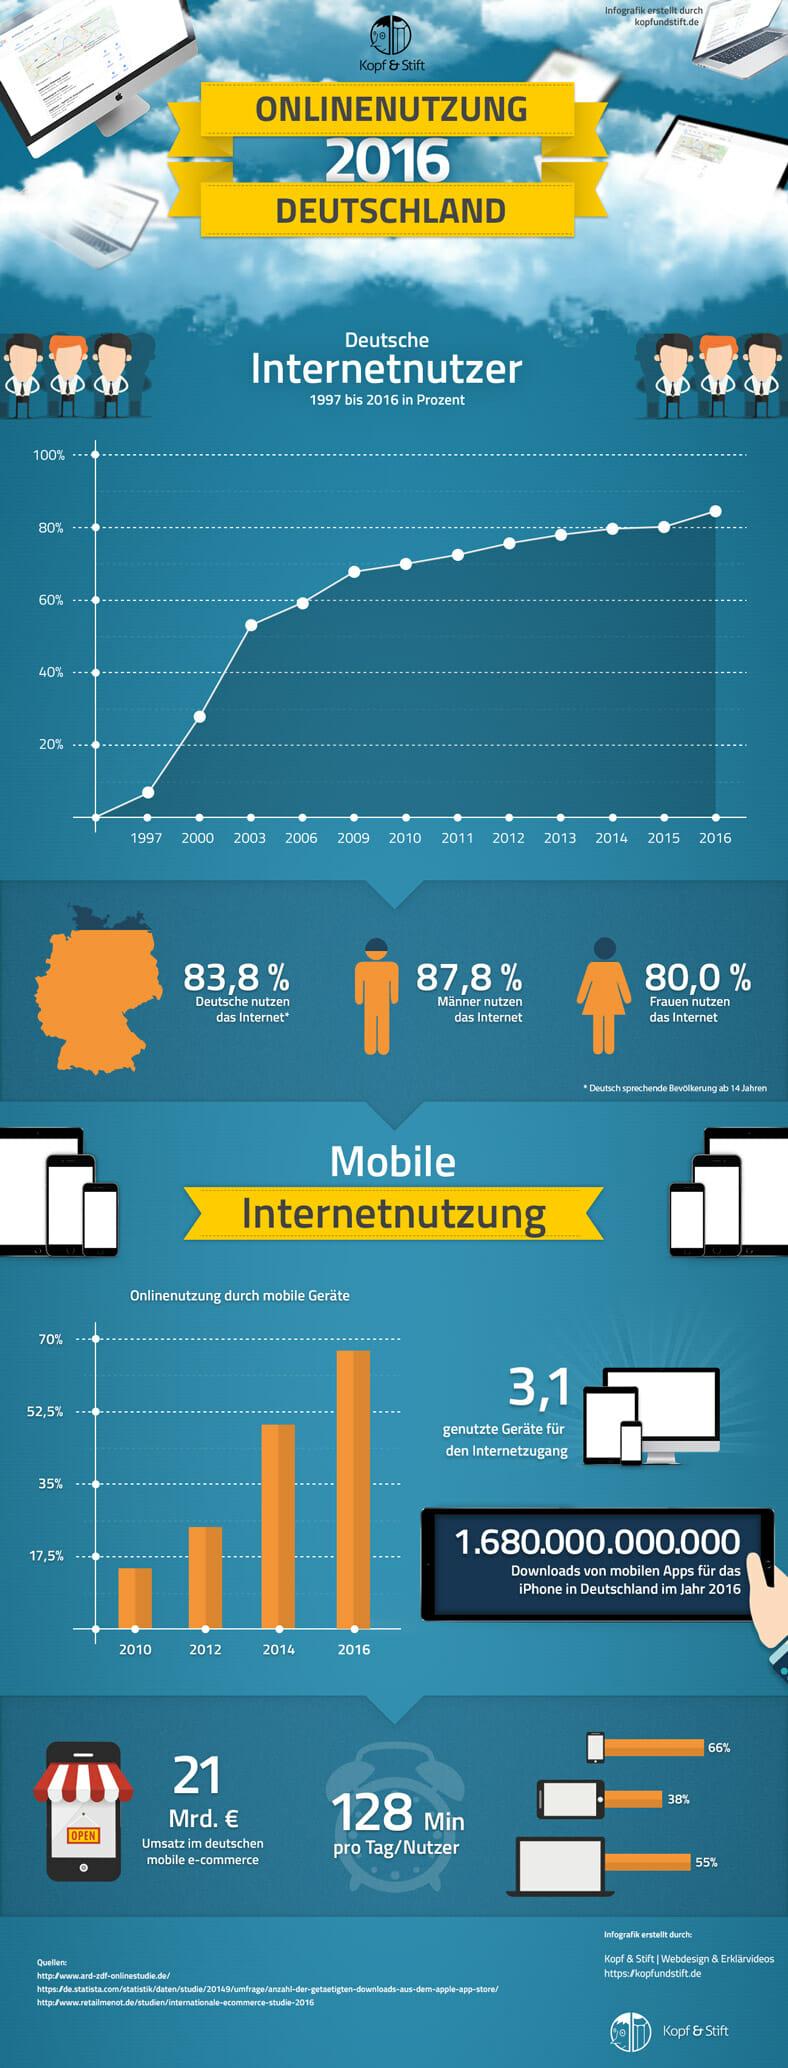 Onlinenutzung in Deutschland 2016 Infografik - die ARD ZDF Onlinestudie 2016 visualisiert